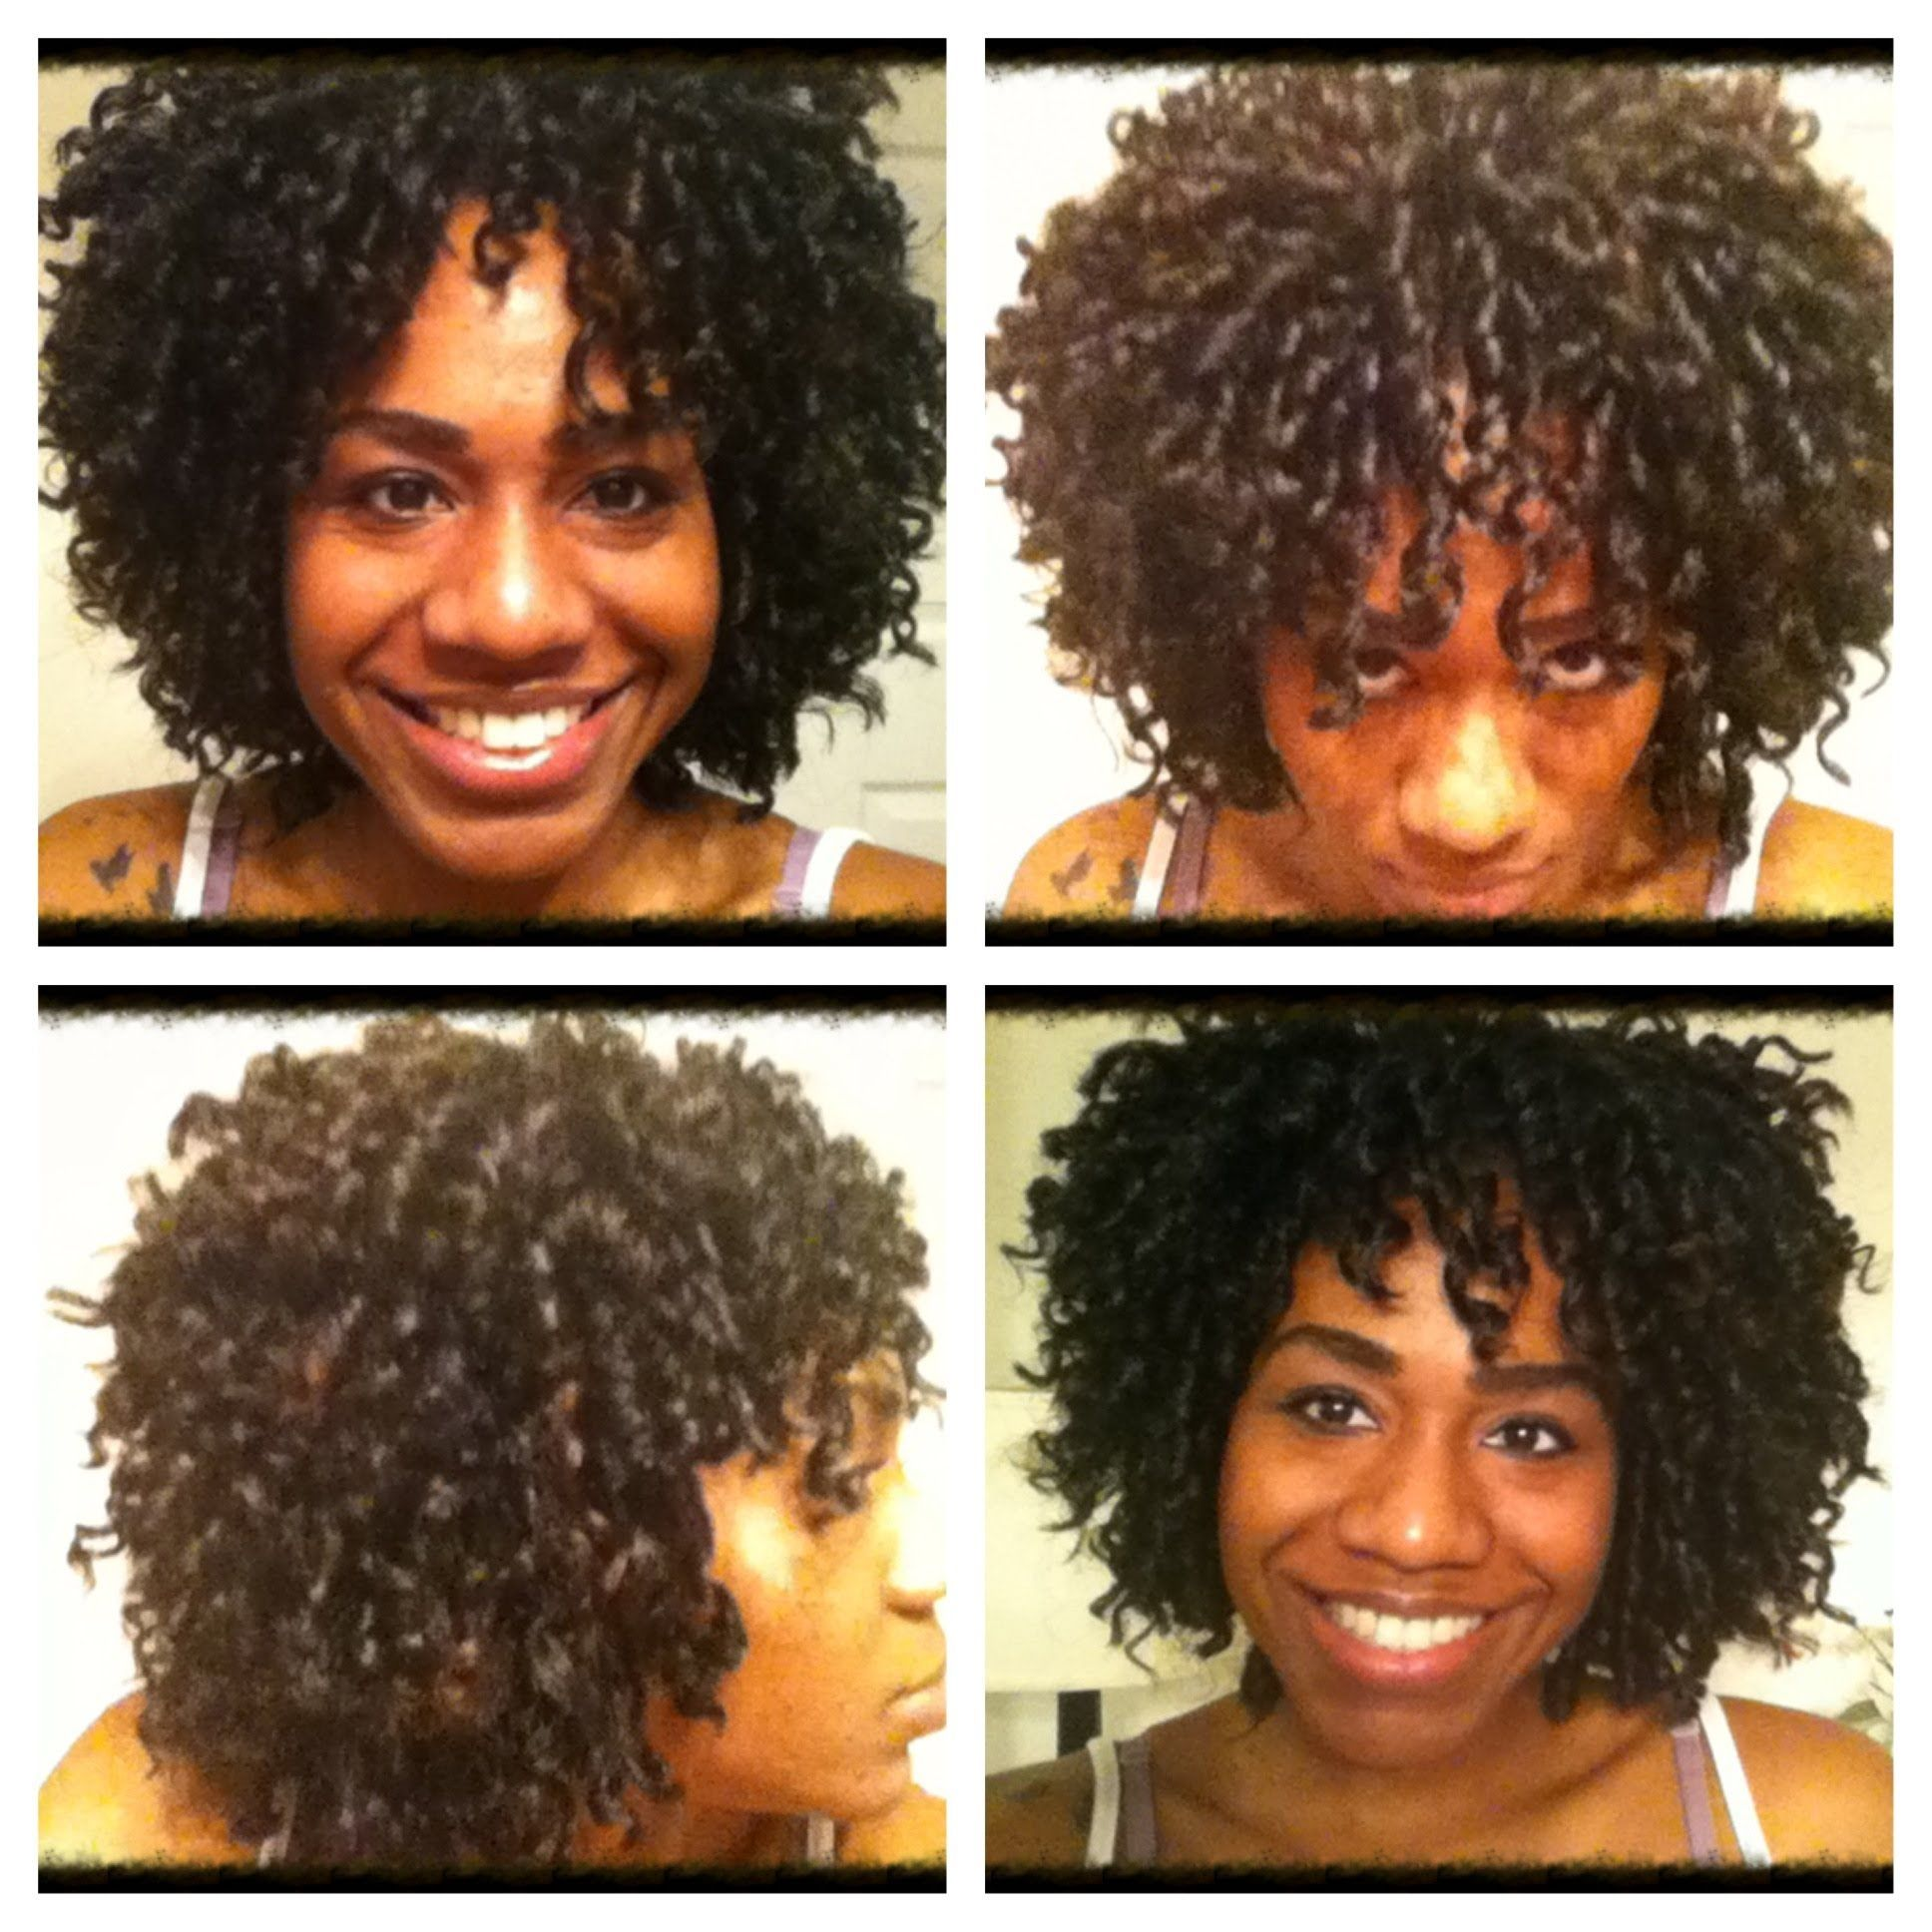 Does crochet braid damage hair fastest - Tutorial Crochet Braids With Biba Natural Hair Soft Dread